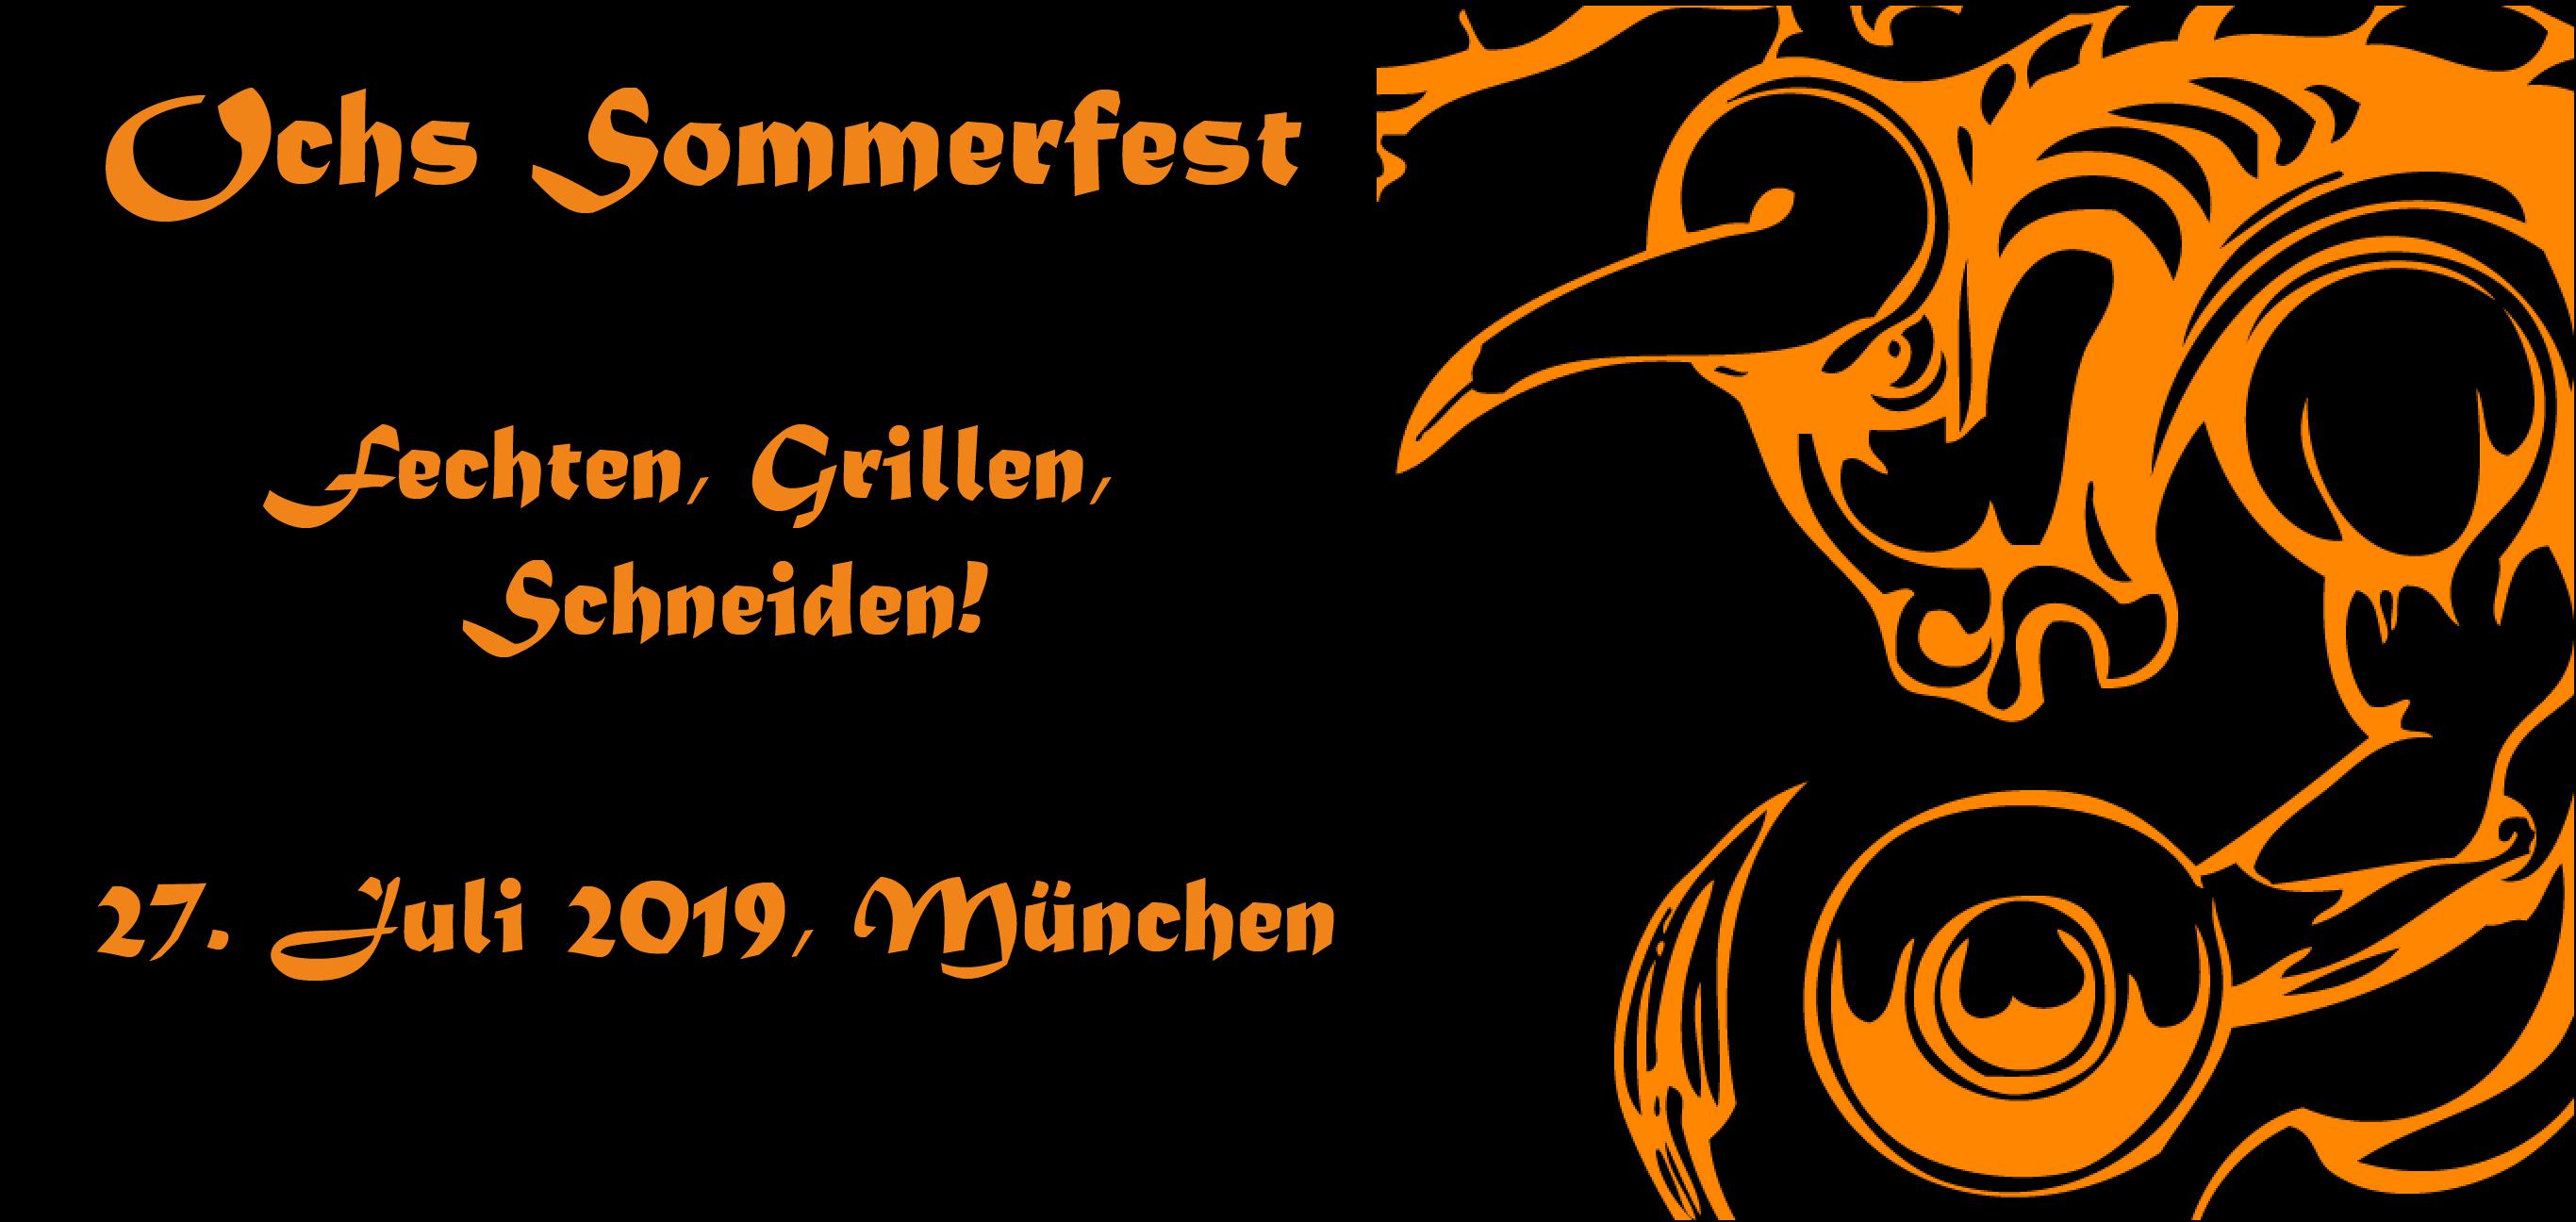 Ochs Sommerfest 2019